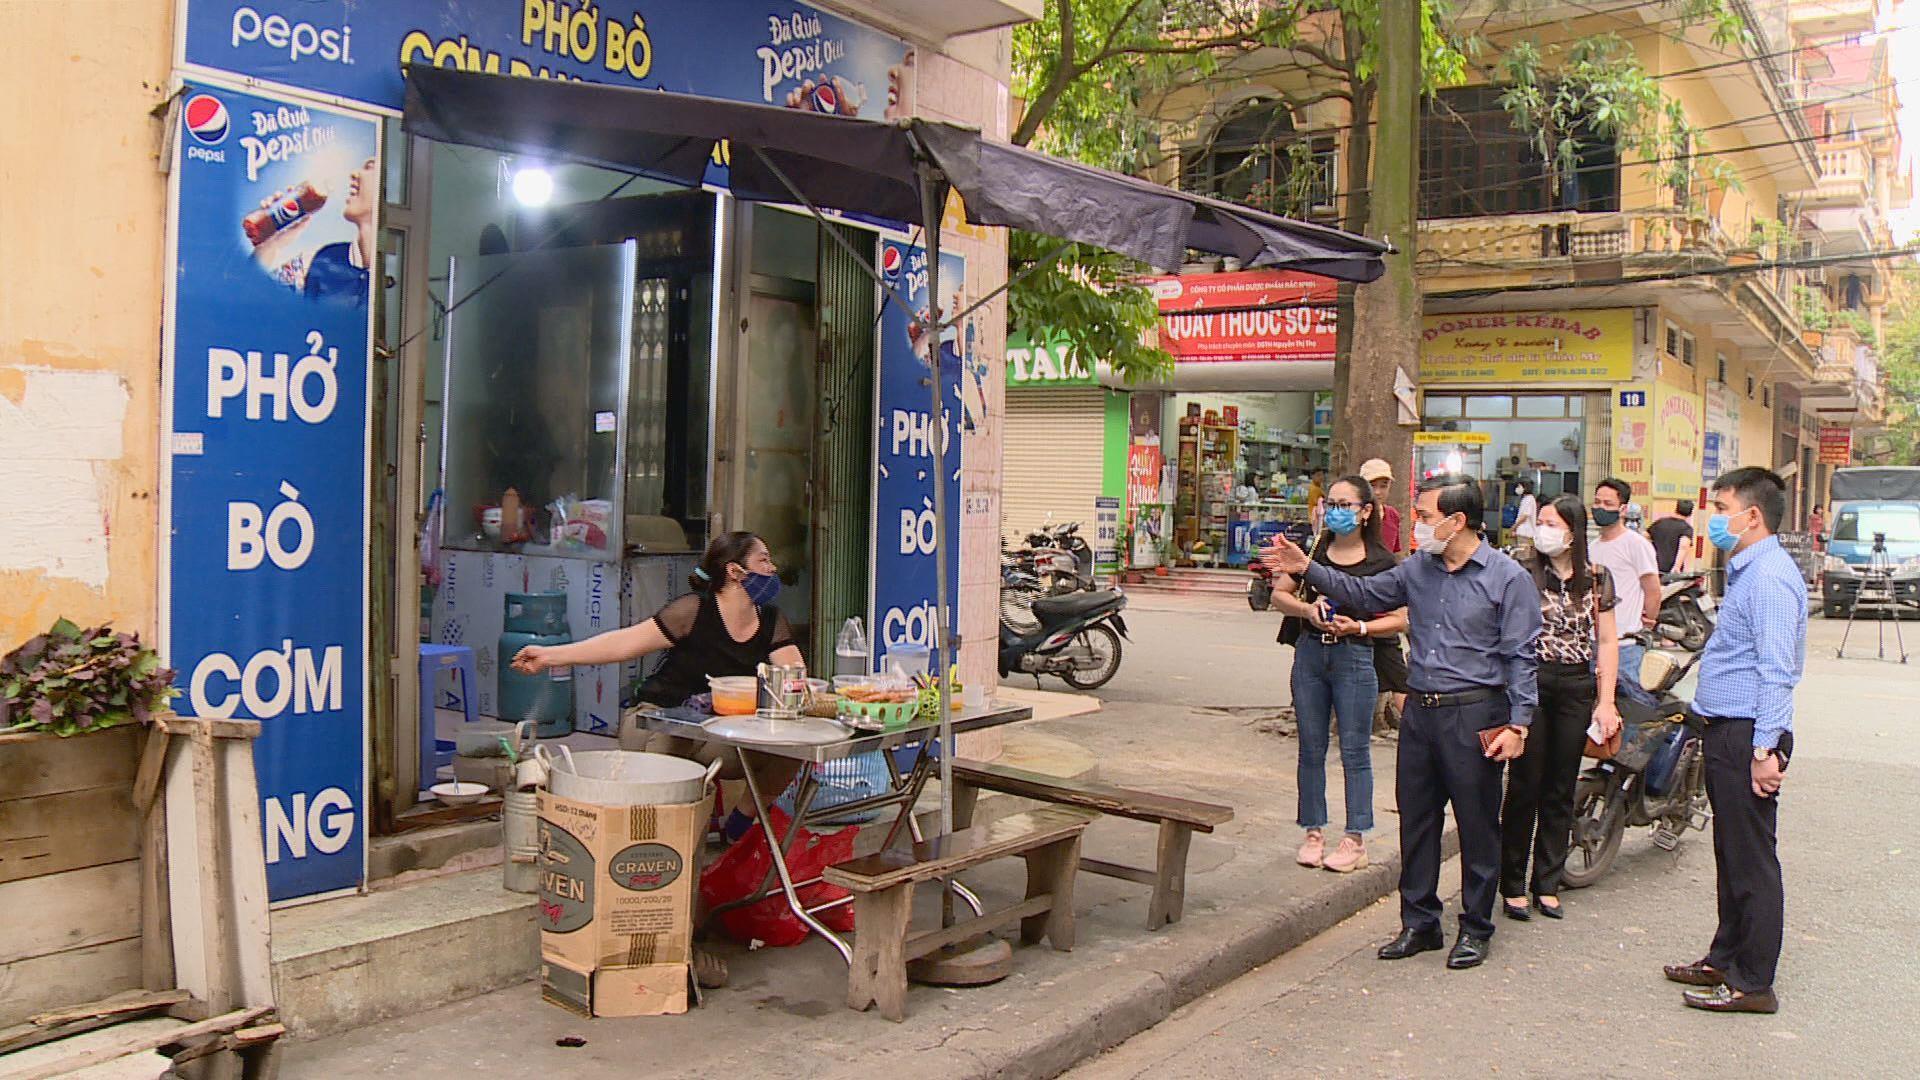 Người dân và cơ sở kinh doanh, thờ tự ủng hộ chủ trương tránh tụ tập đông người tại thành phố Bắc Ninh